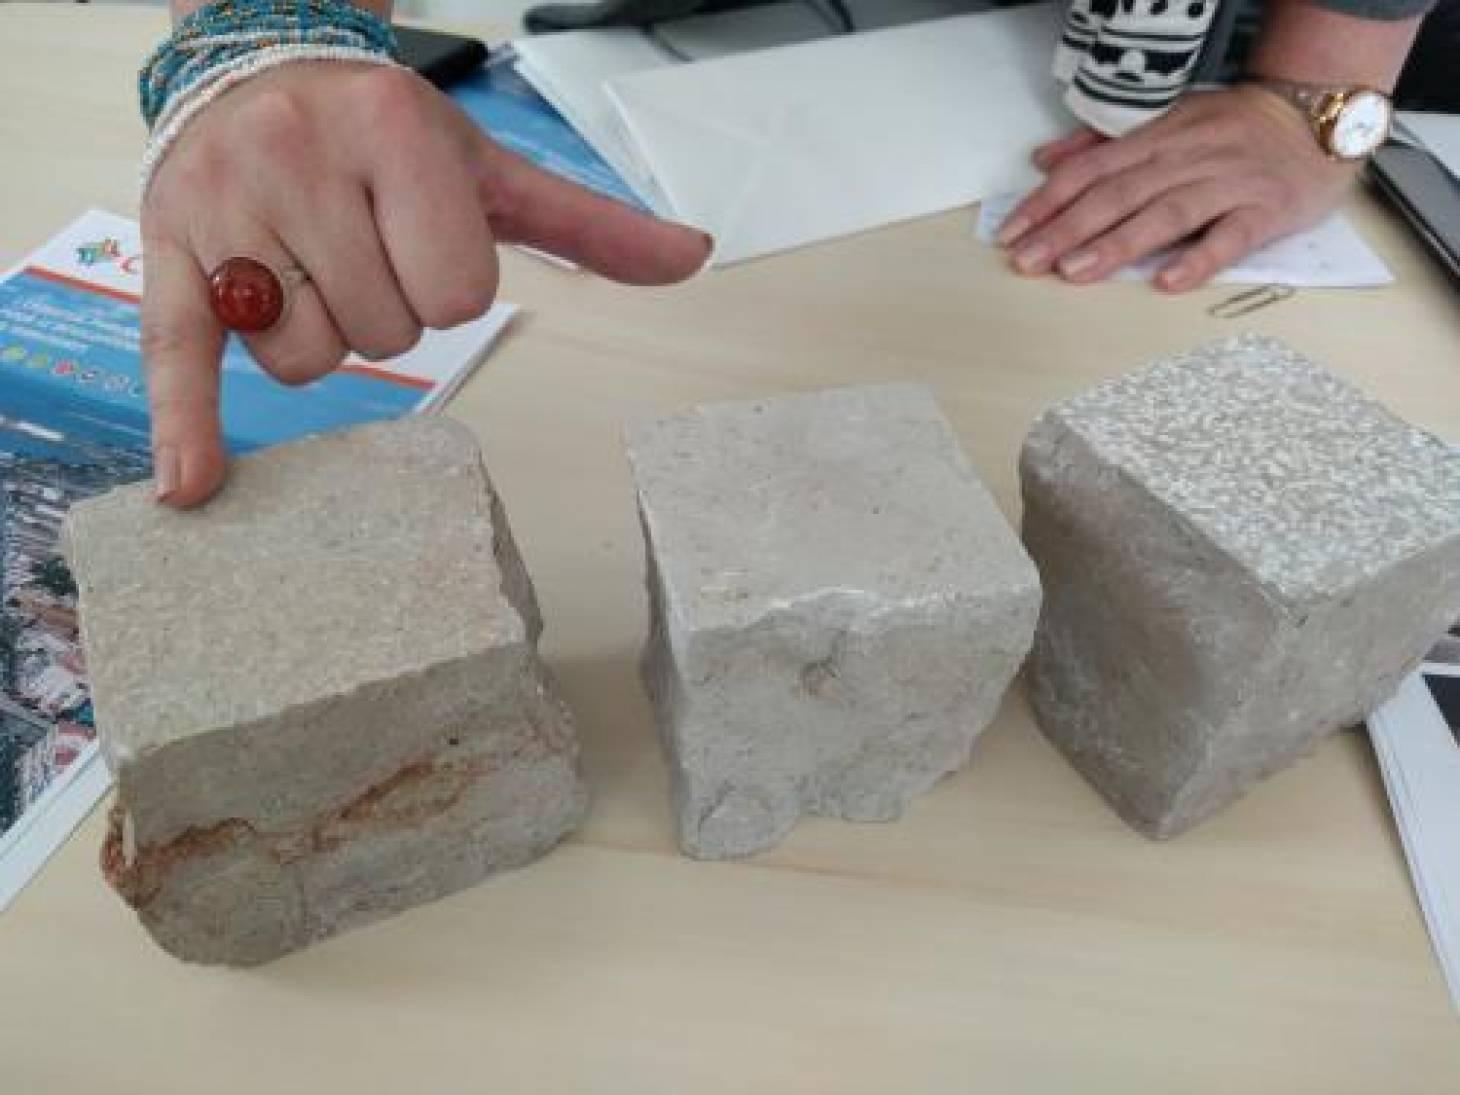 Poitiers - Flammage et bouchardage pour améliorer l'adhérence des pavés